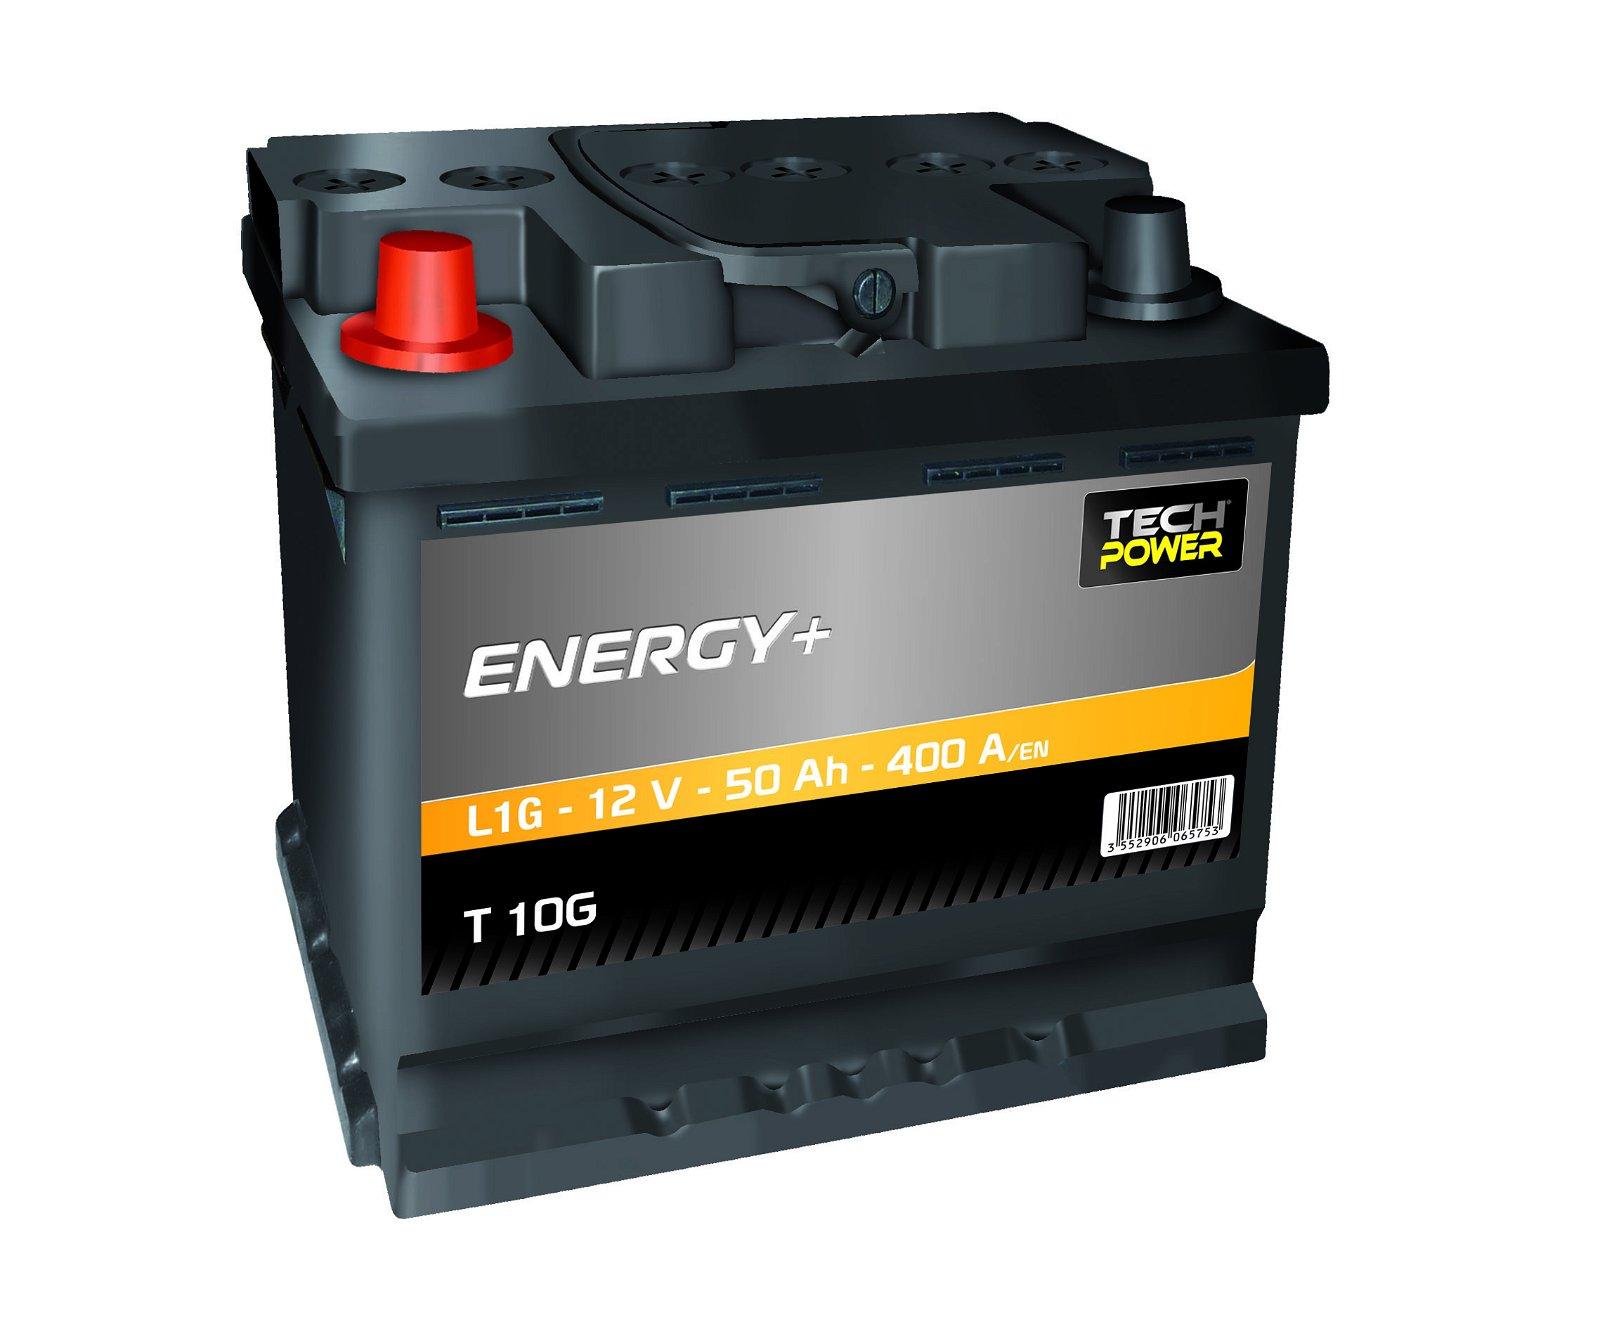 BATTERIE PROXIVOLT ENERGY + 50AH 400AEN +G